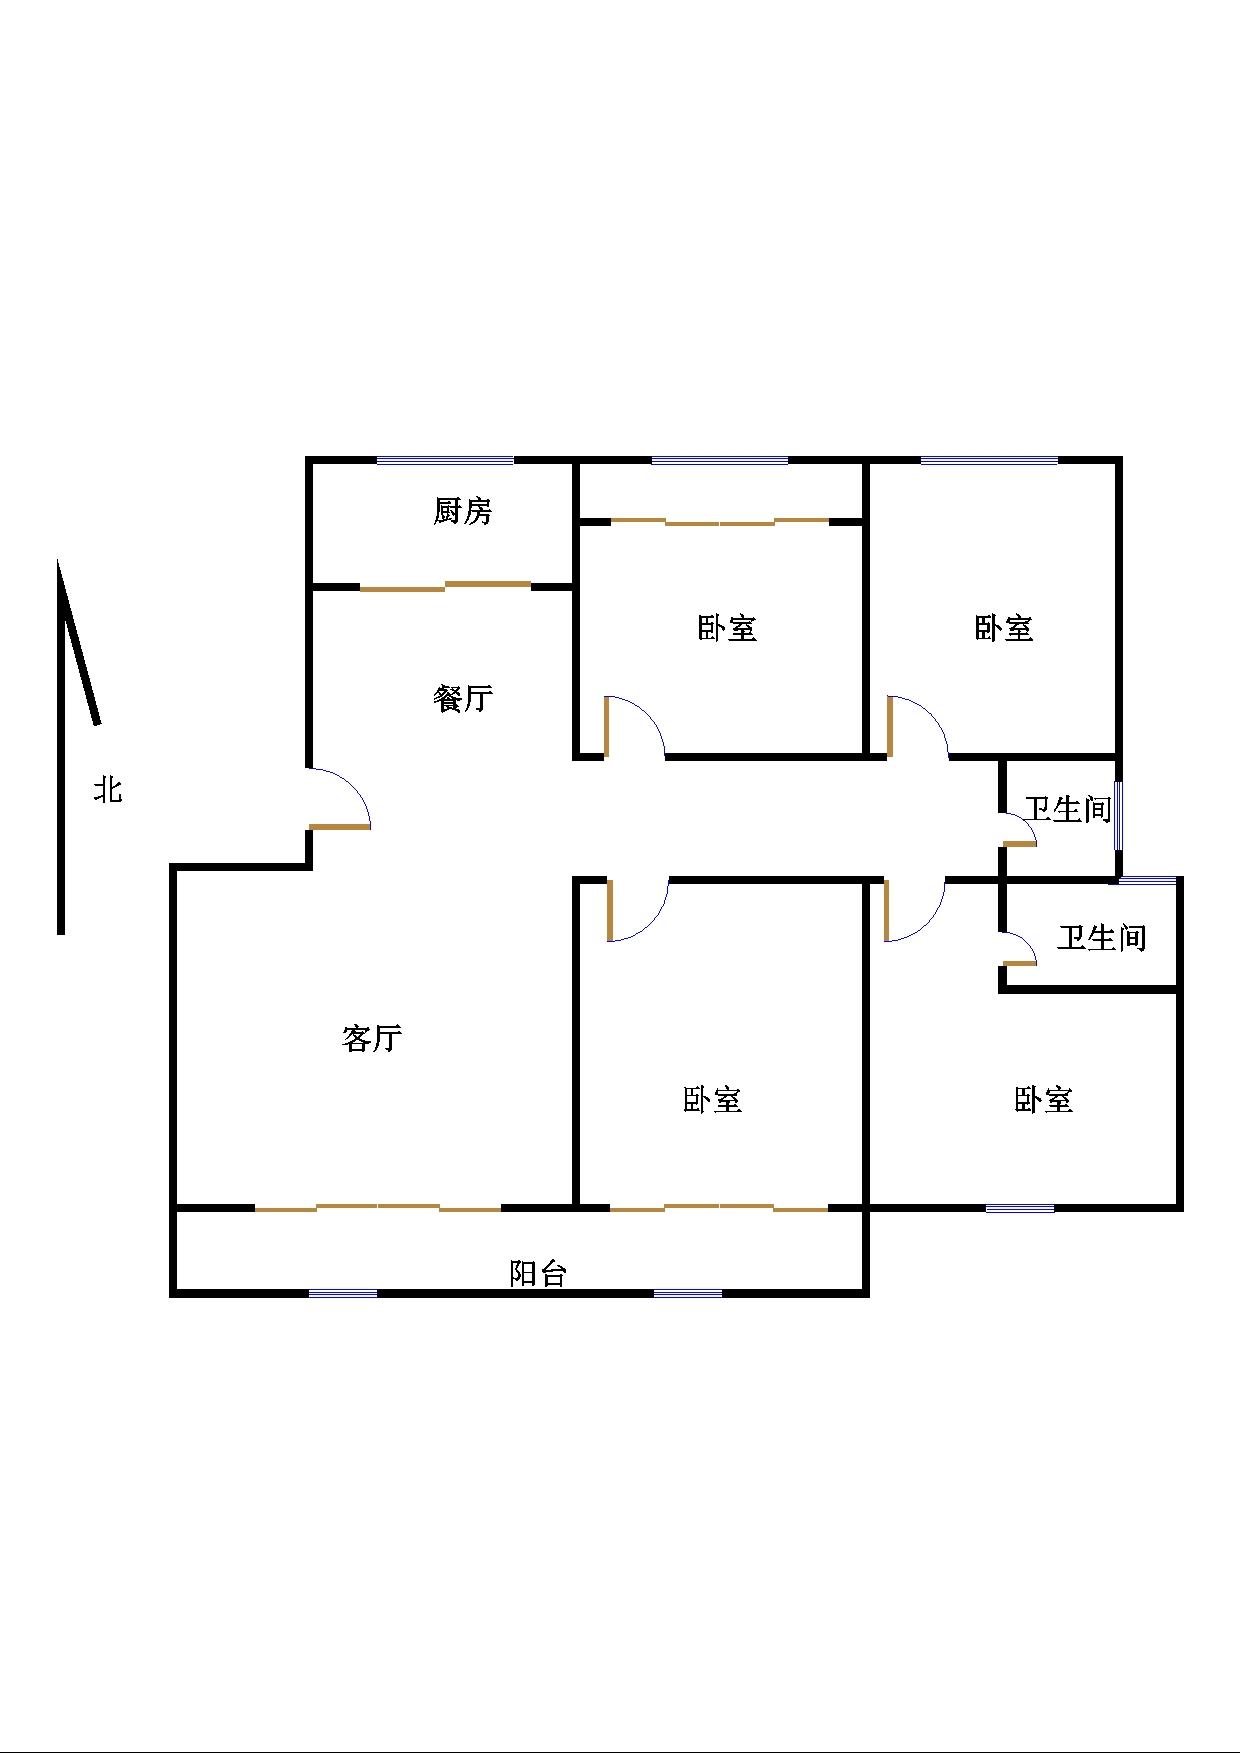 德百物流城 4室2厅 4楼